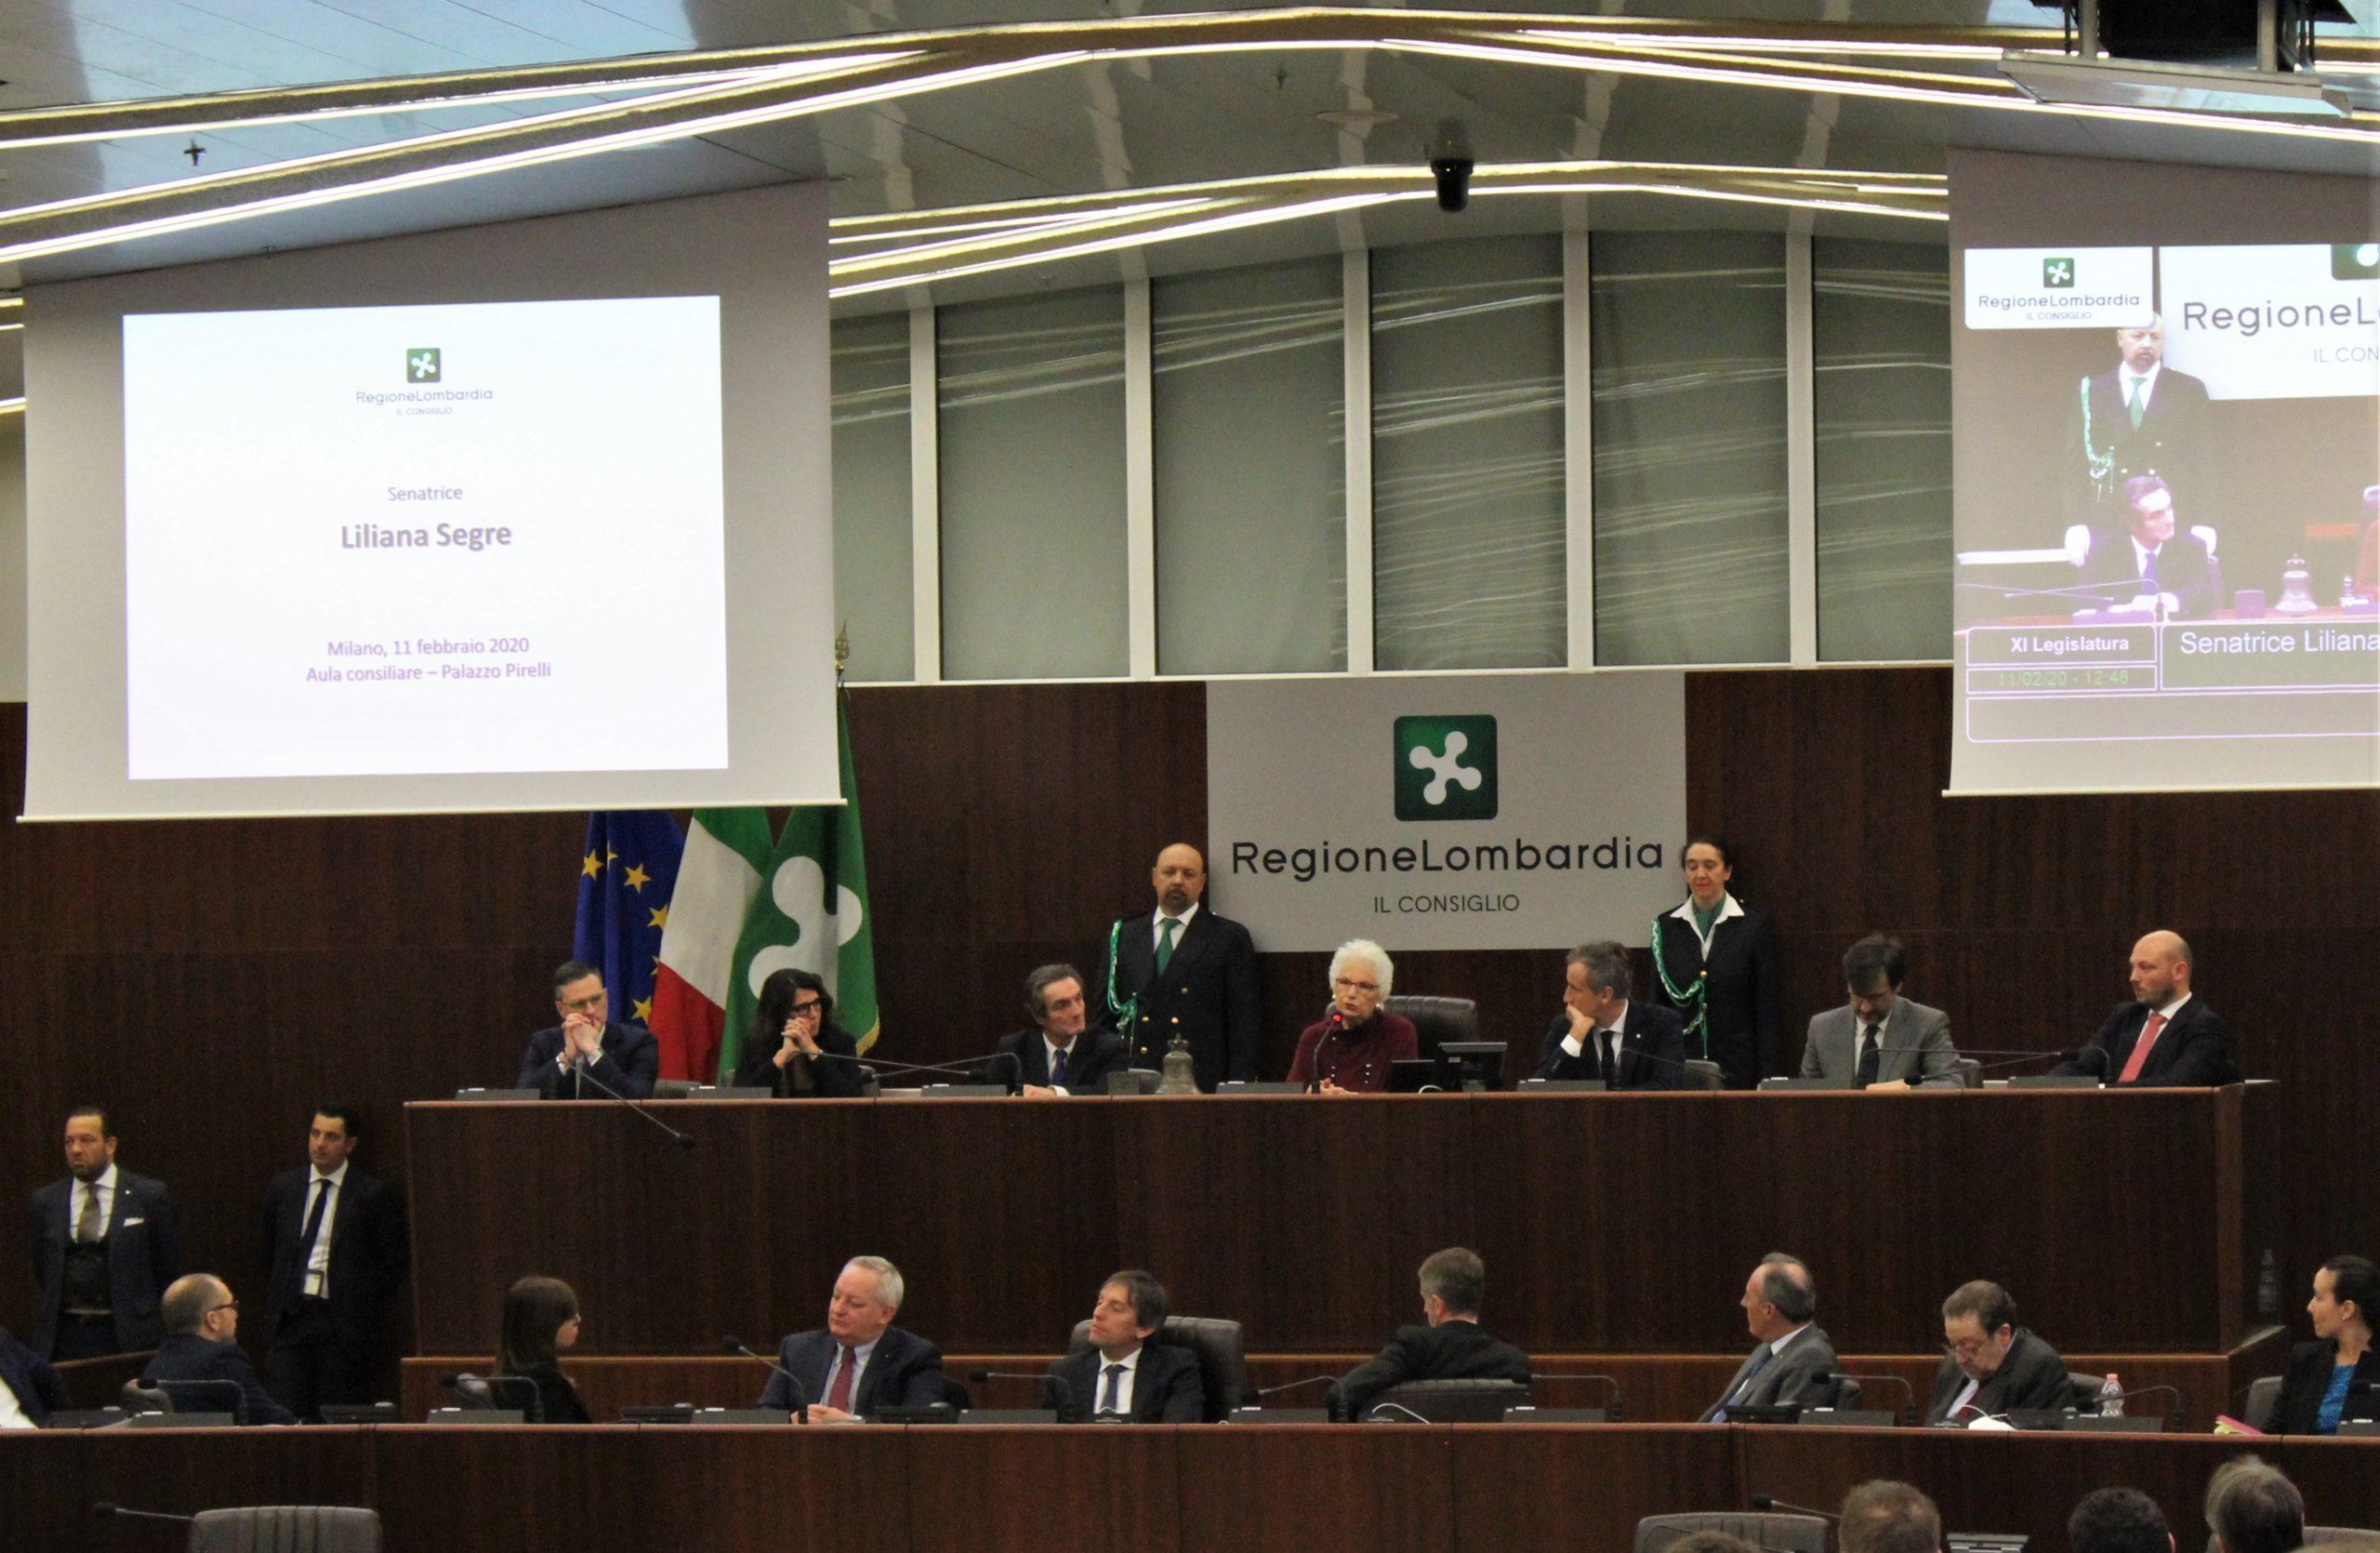 Liliana Segre in visita al consiglio regionale della Lombardia